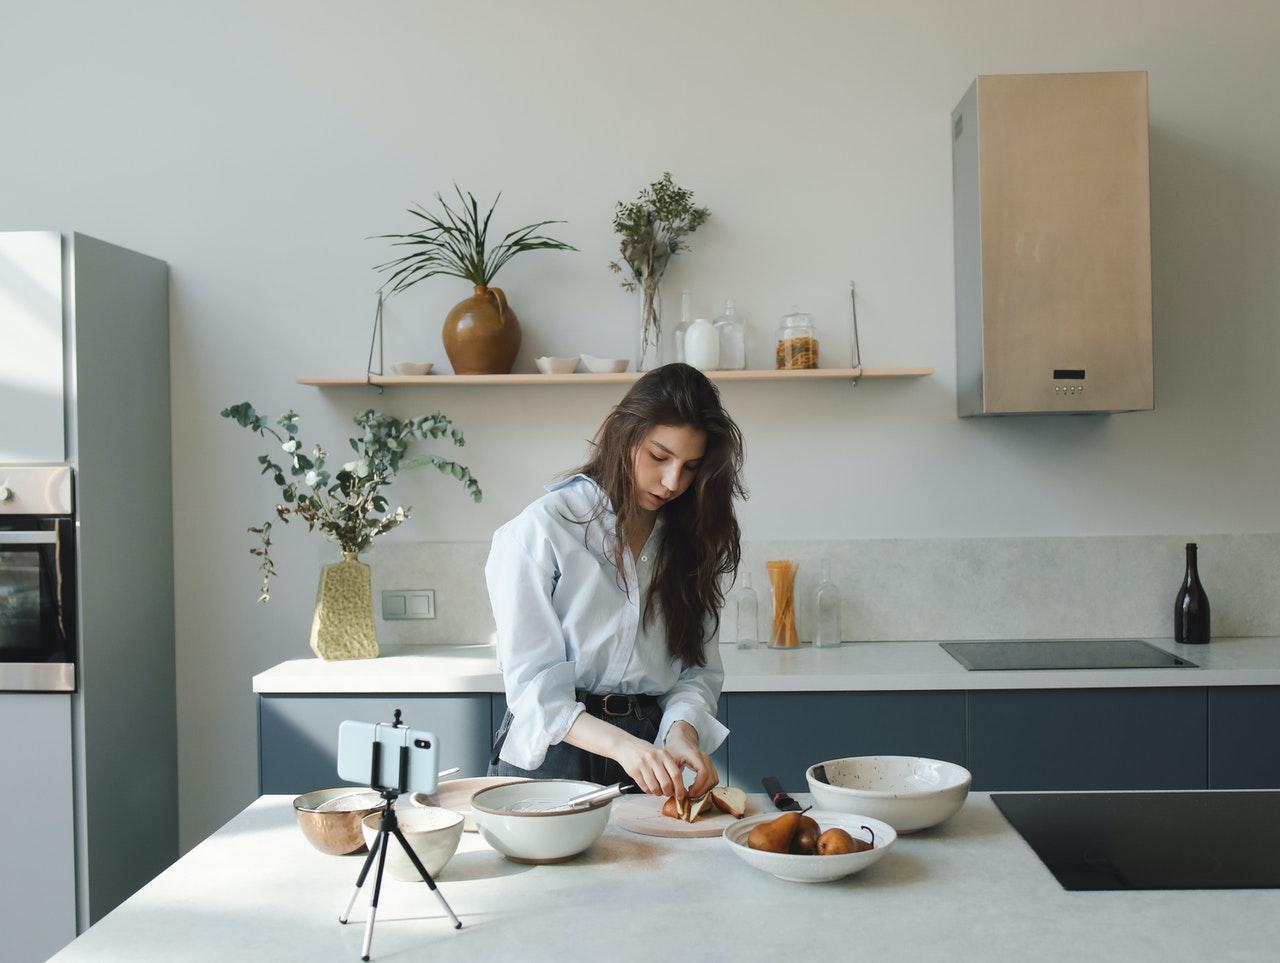 thực hành chánh niệm khi nấu ăn